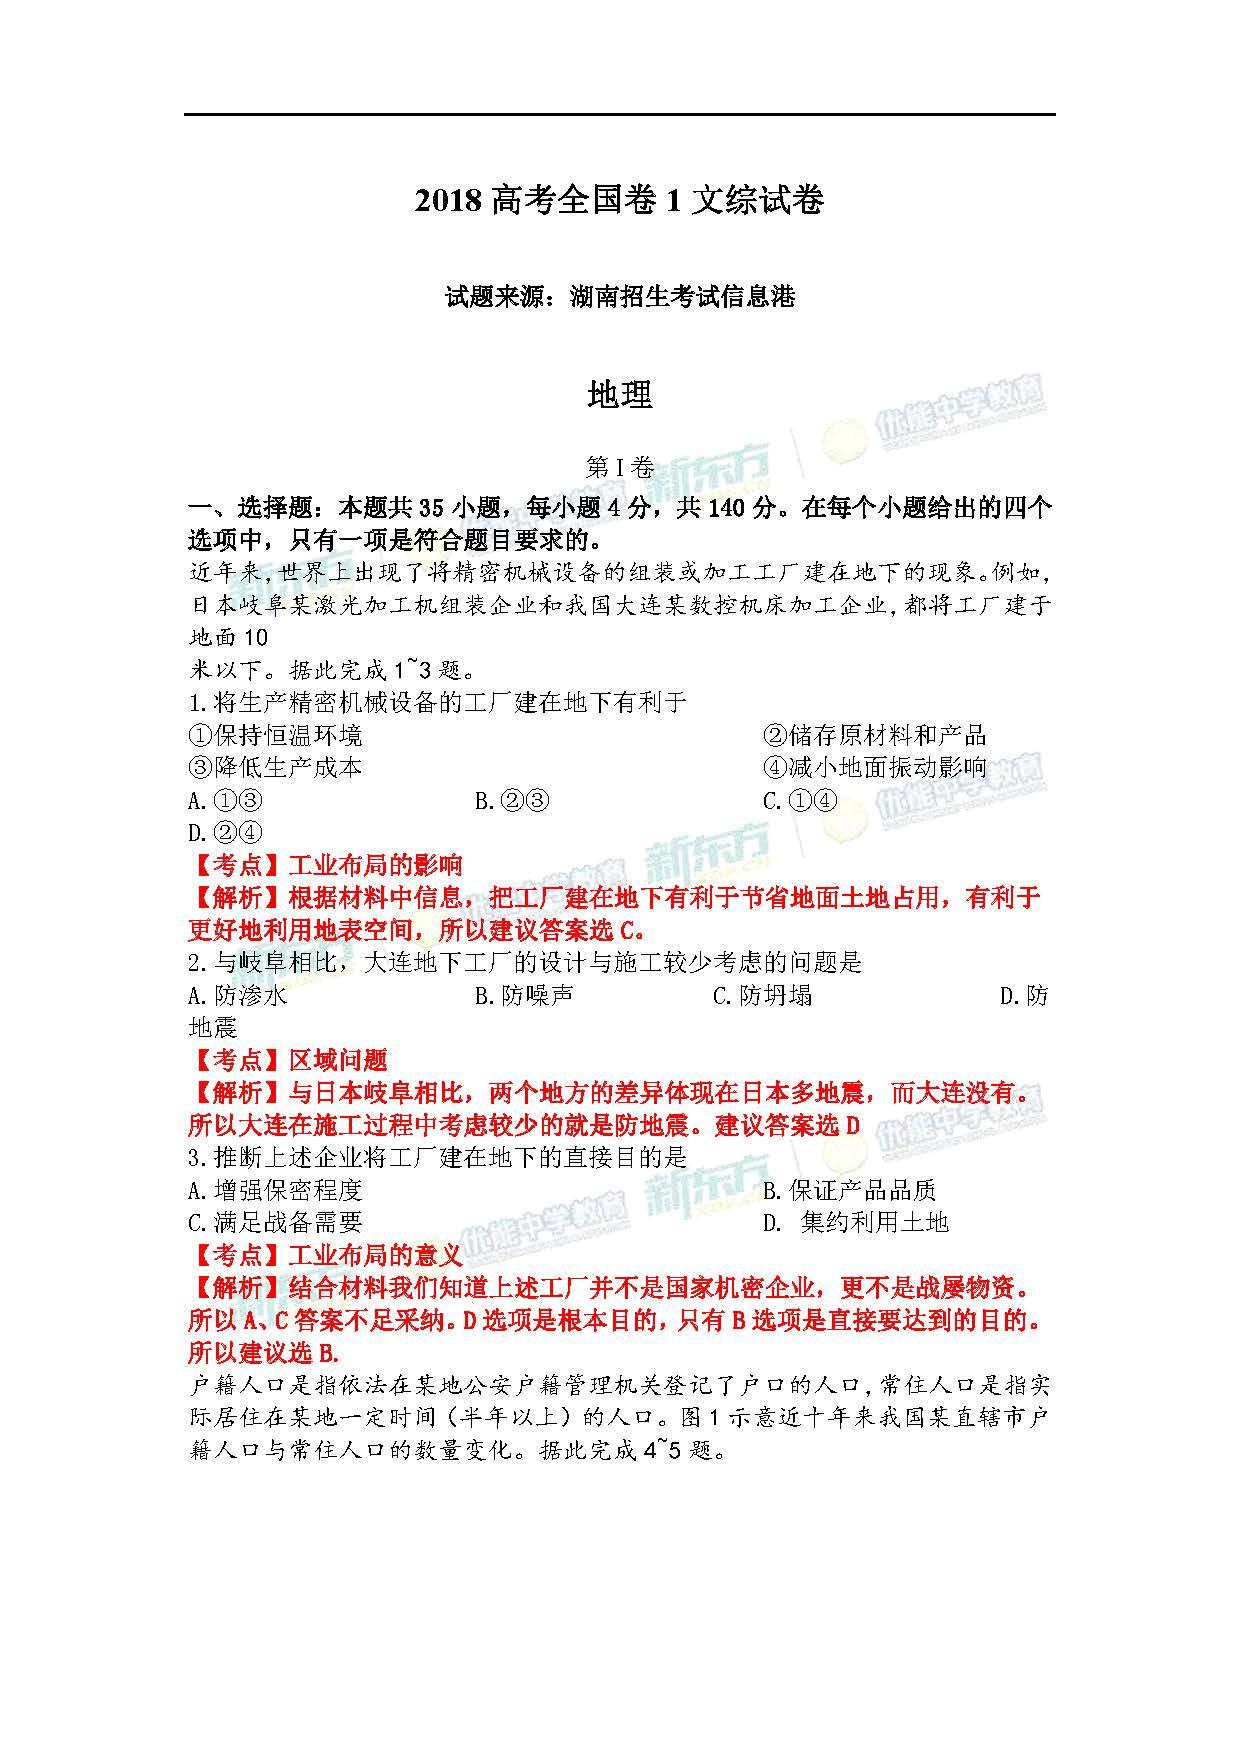 2018全国卷1高考文综逐题解析(郑州新东方)